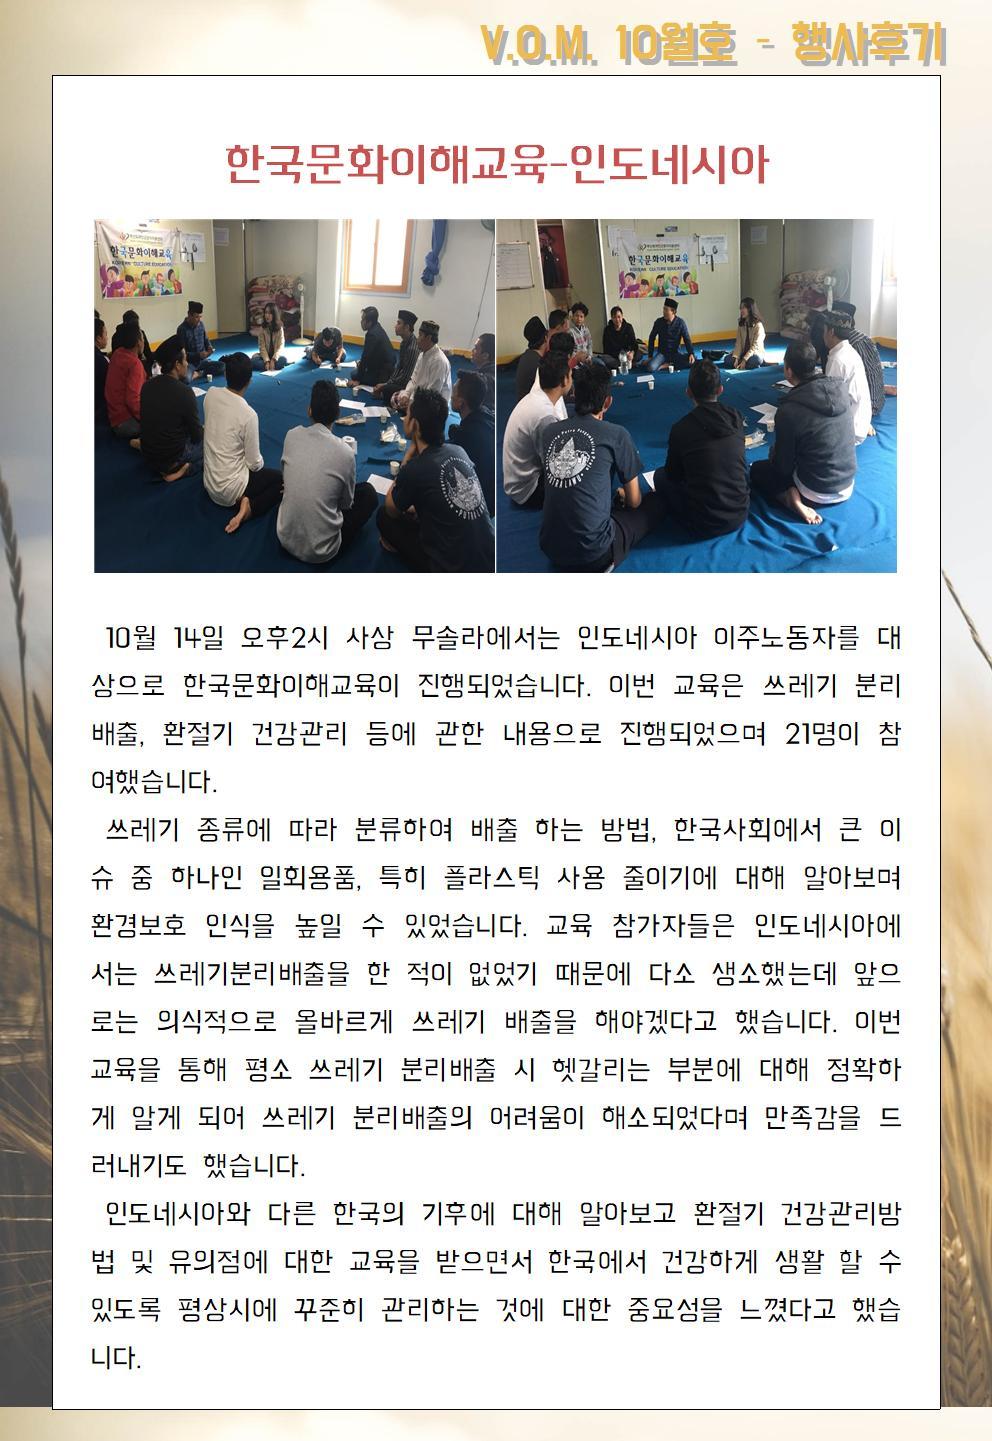 05. 행사후기-한국문화이해교육001